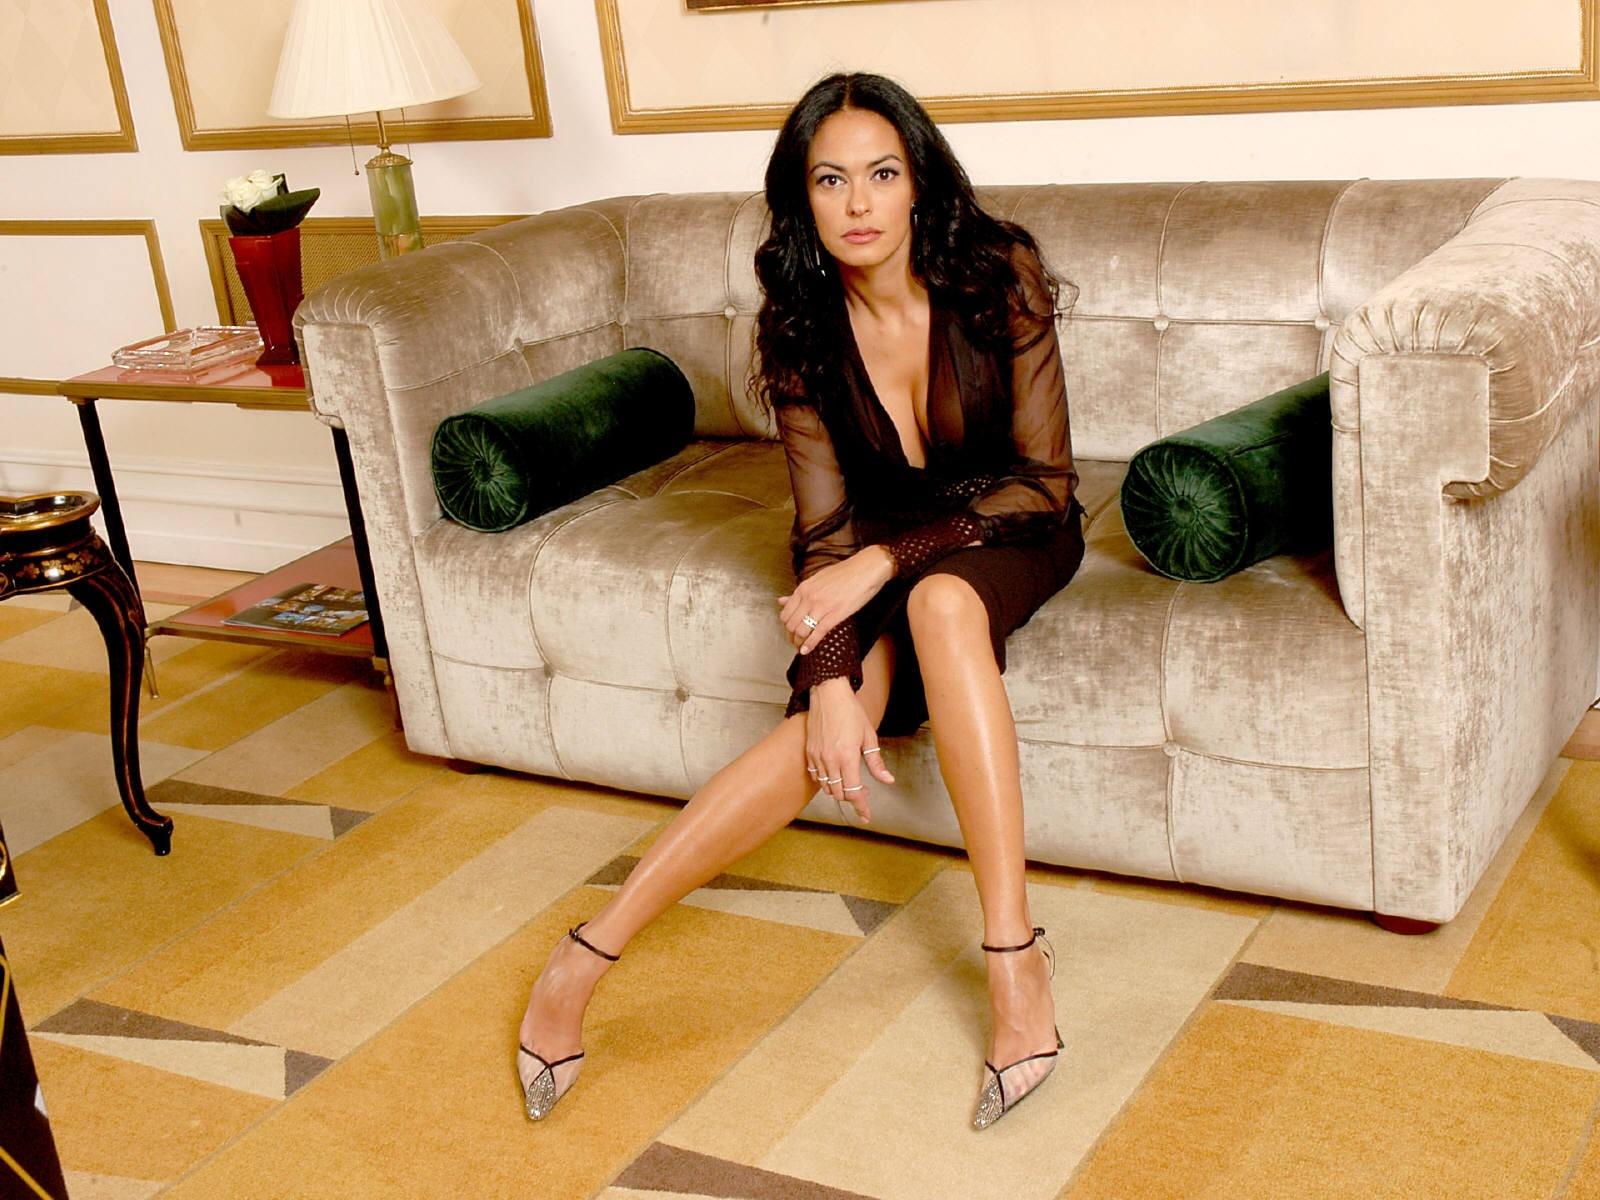 Wallpaper: tacchi a spillo e posa sensuale per Maria Grazia Cucinotta